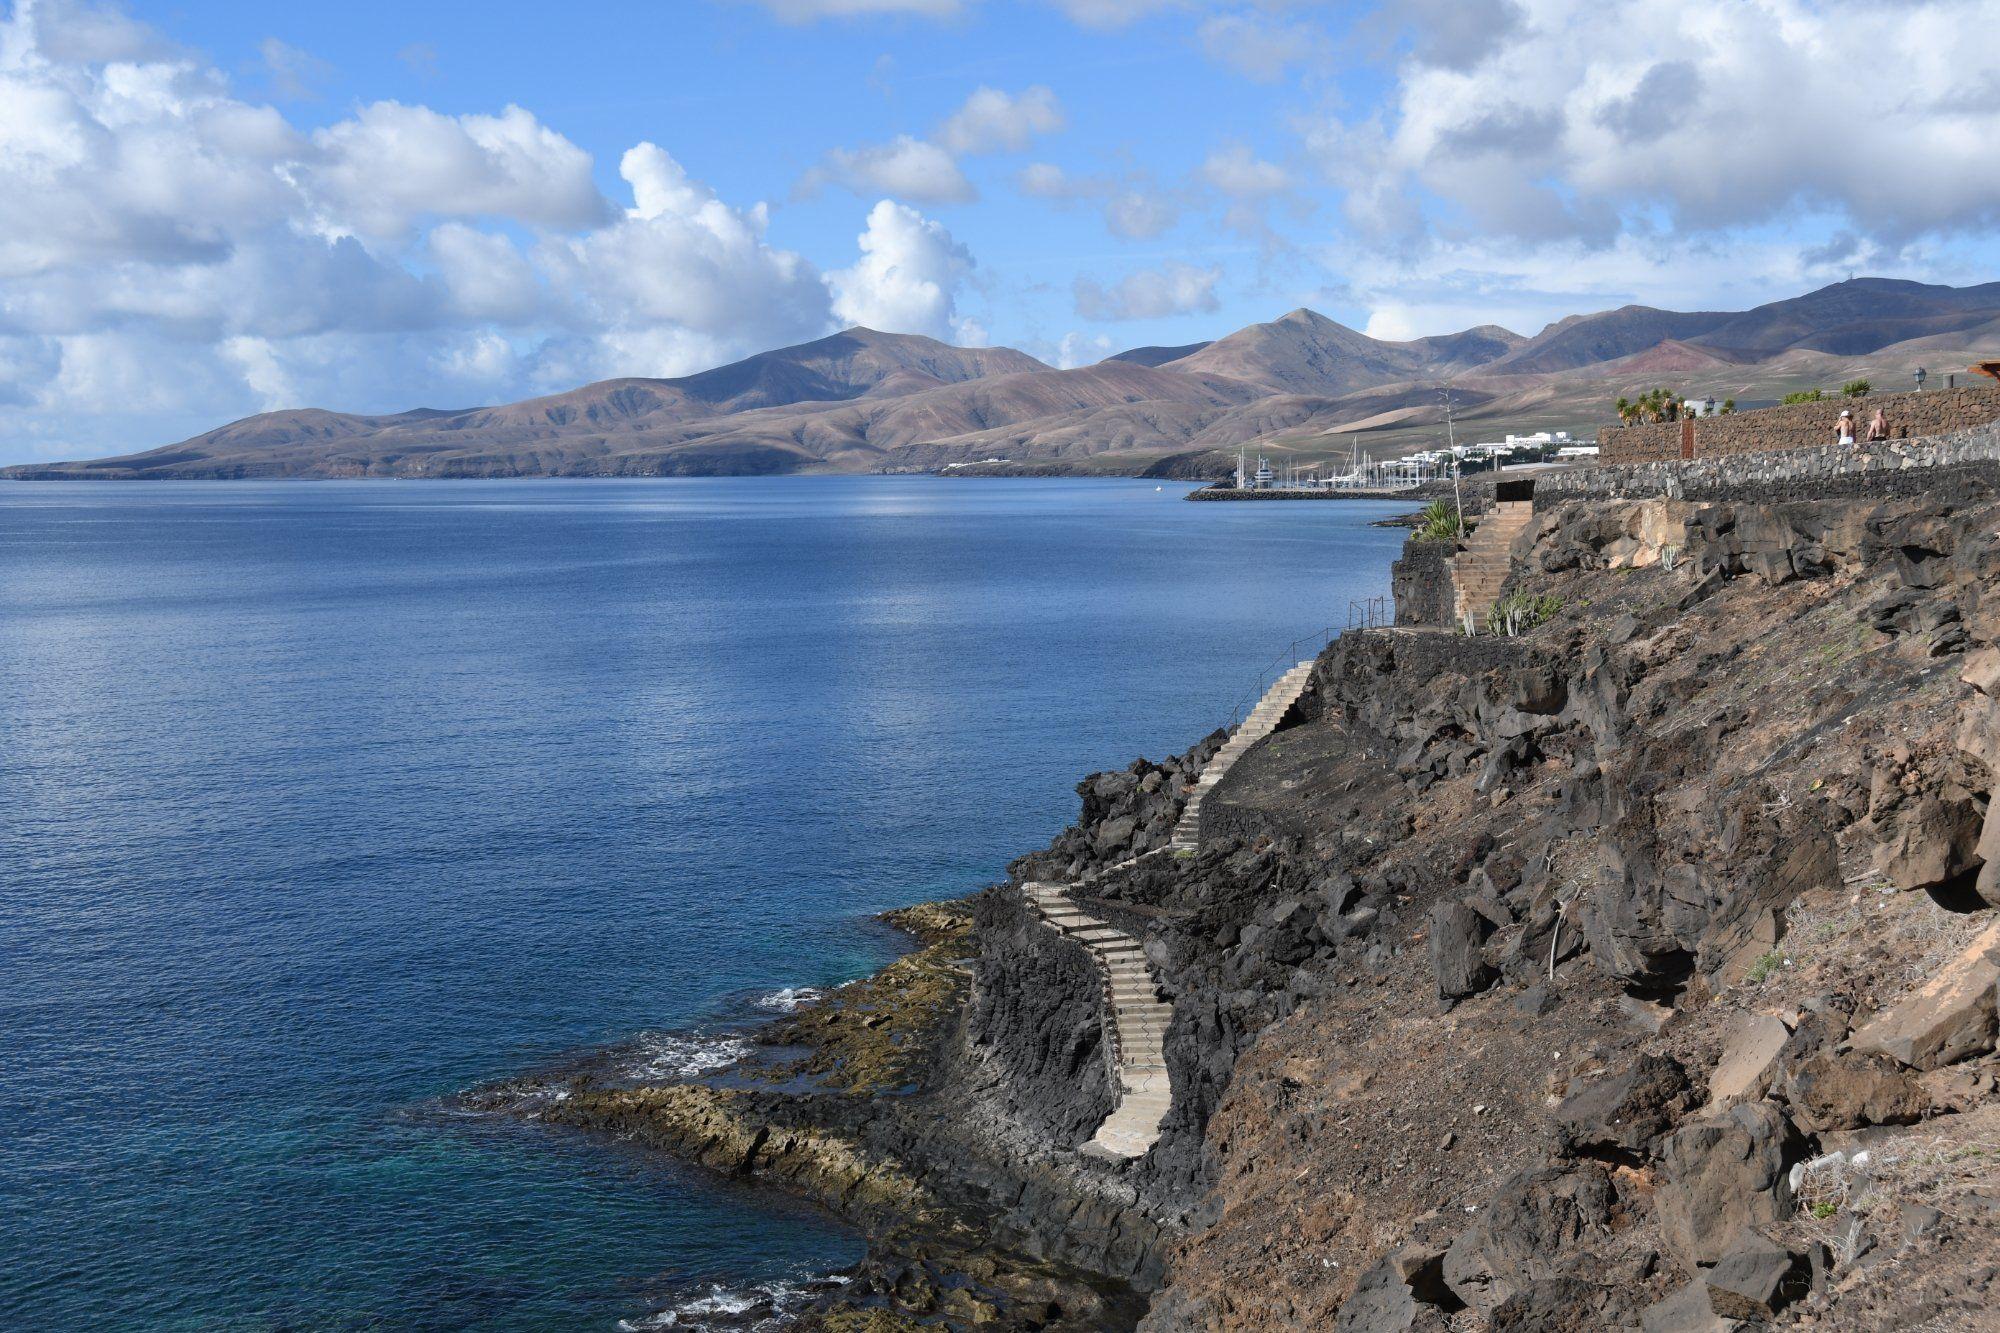 Walk from puerto del carmen to puerto calero puerto del carmen see 453 reviews articles - Lanzarote walks from puerto del carmen ...